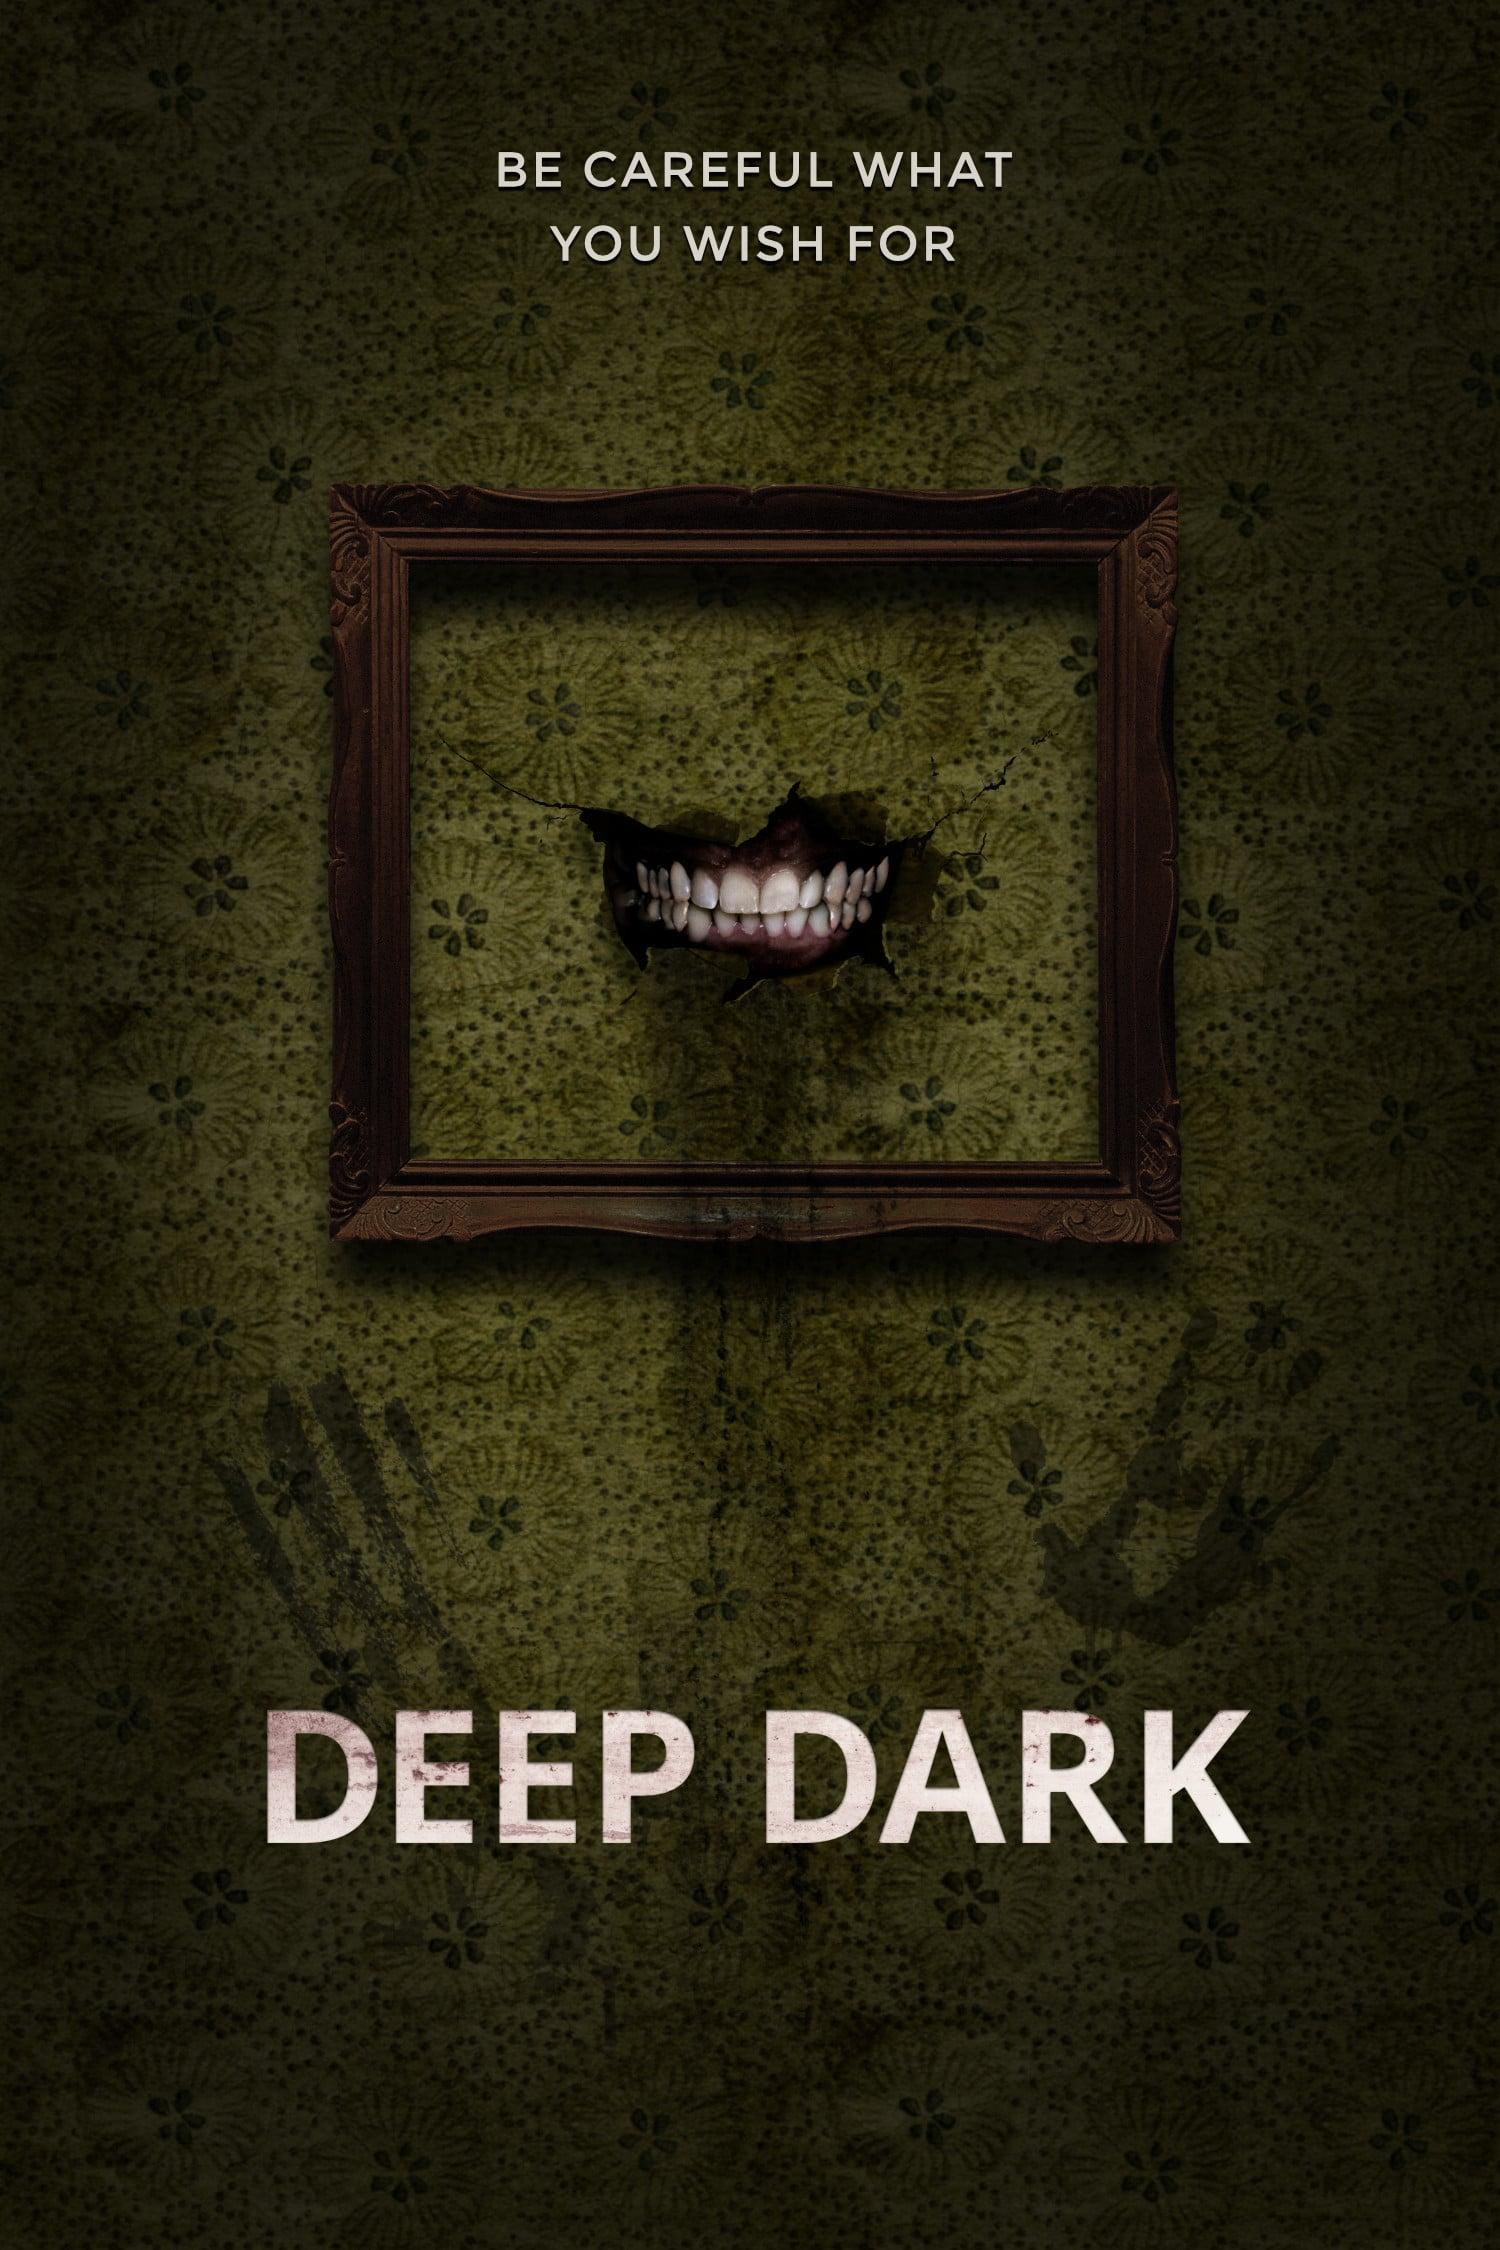 Deep Dark Movie Streaming Online Watch